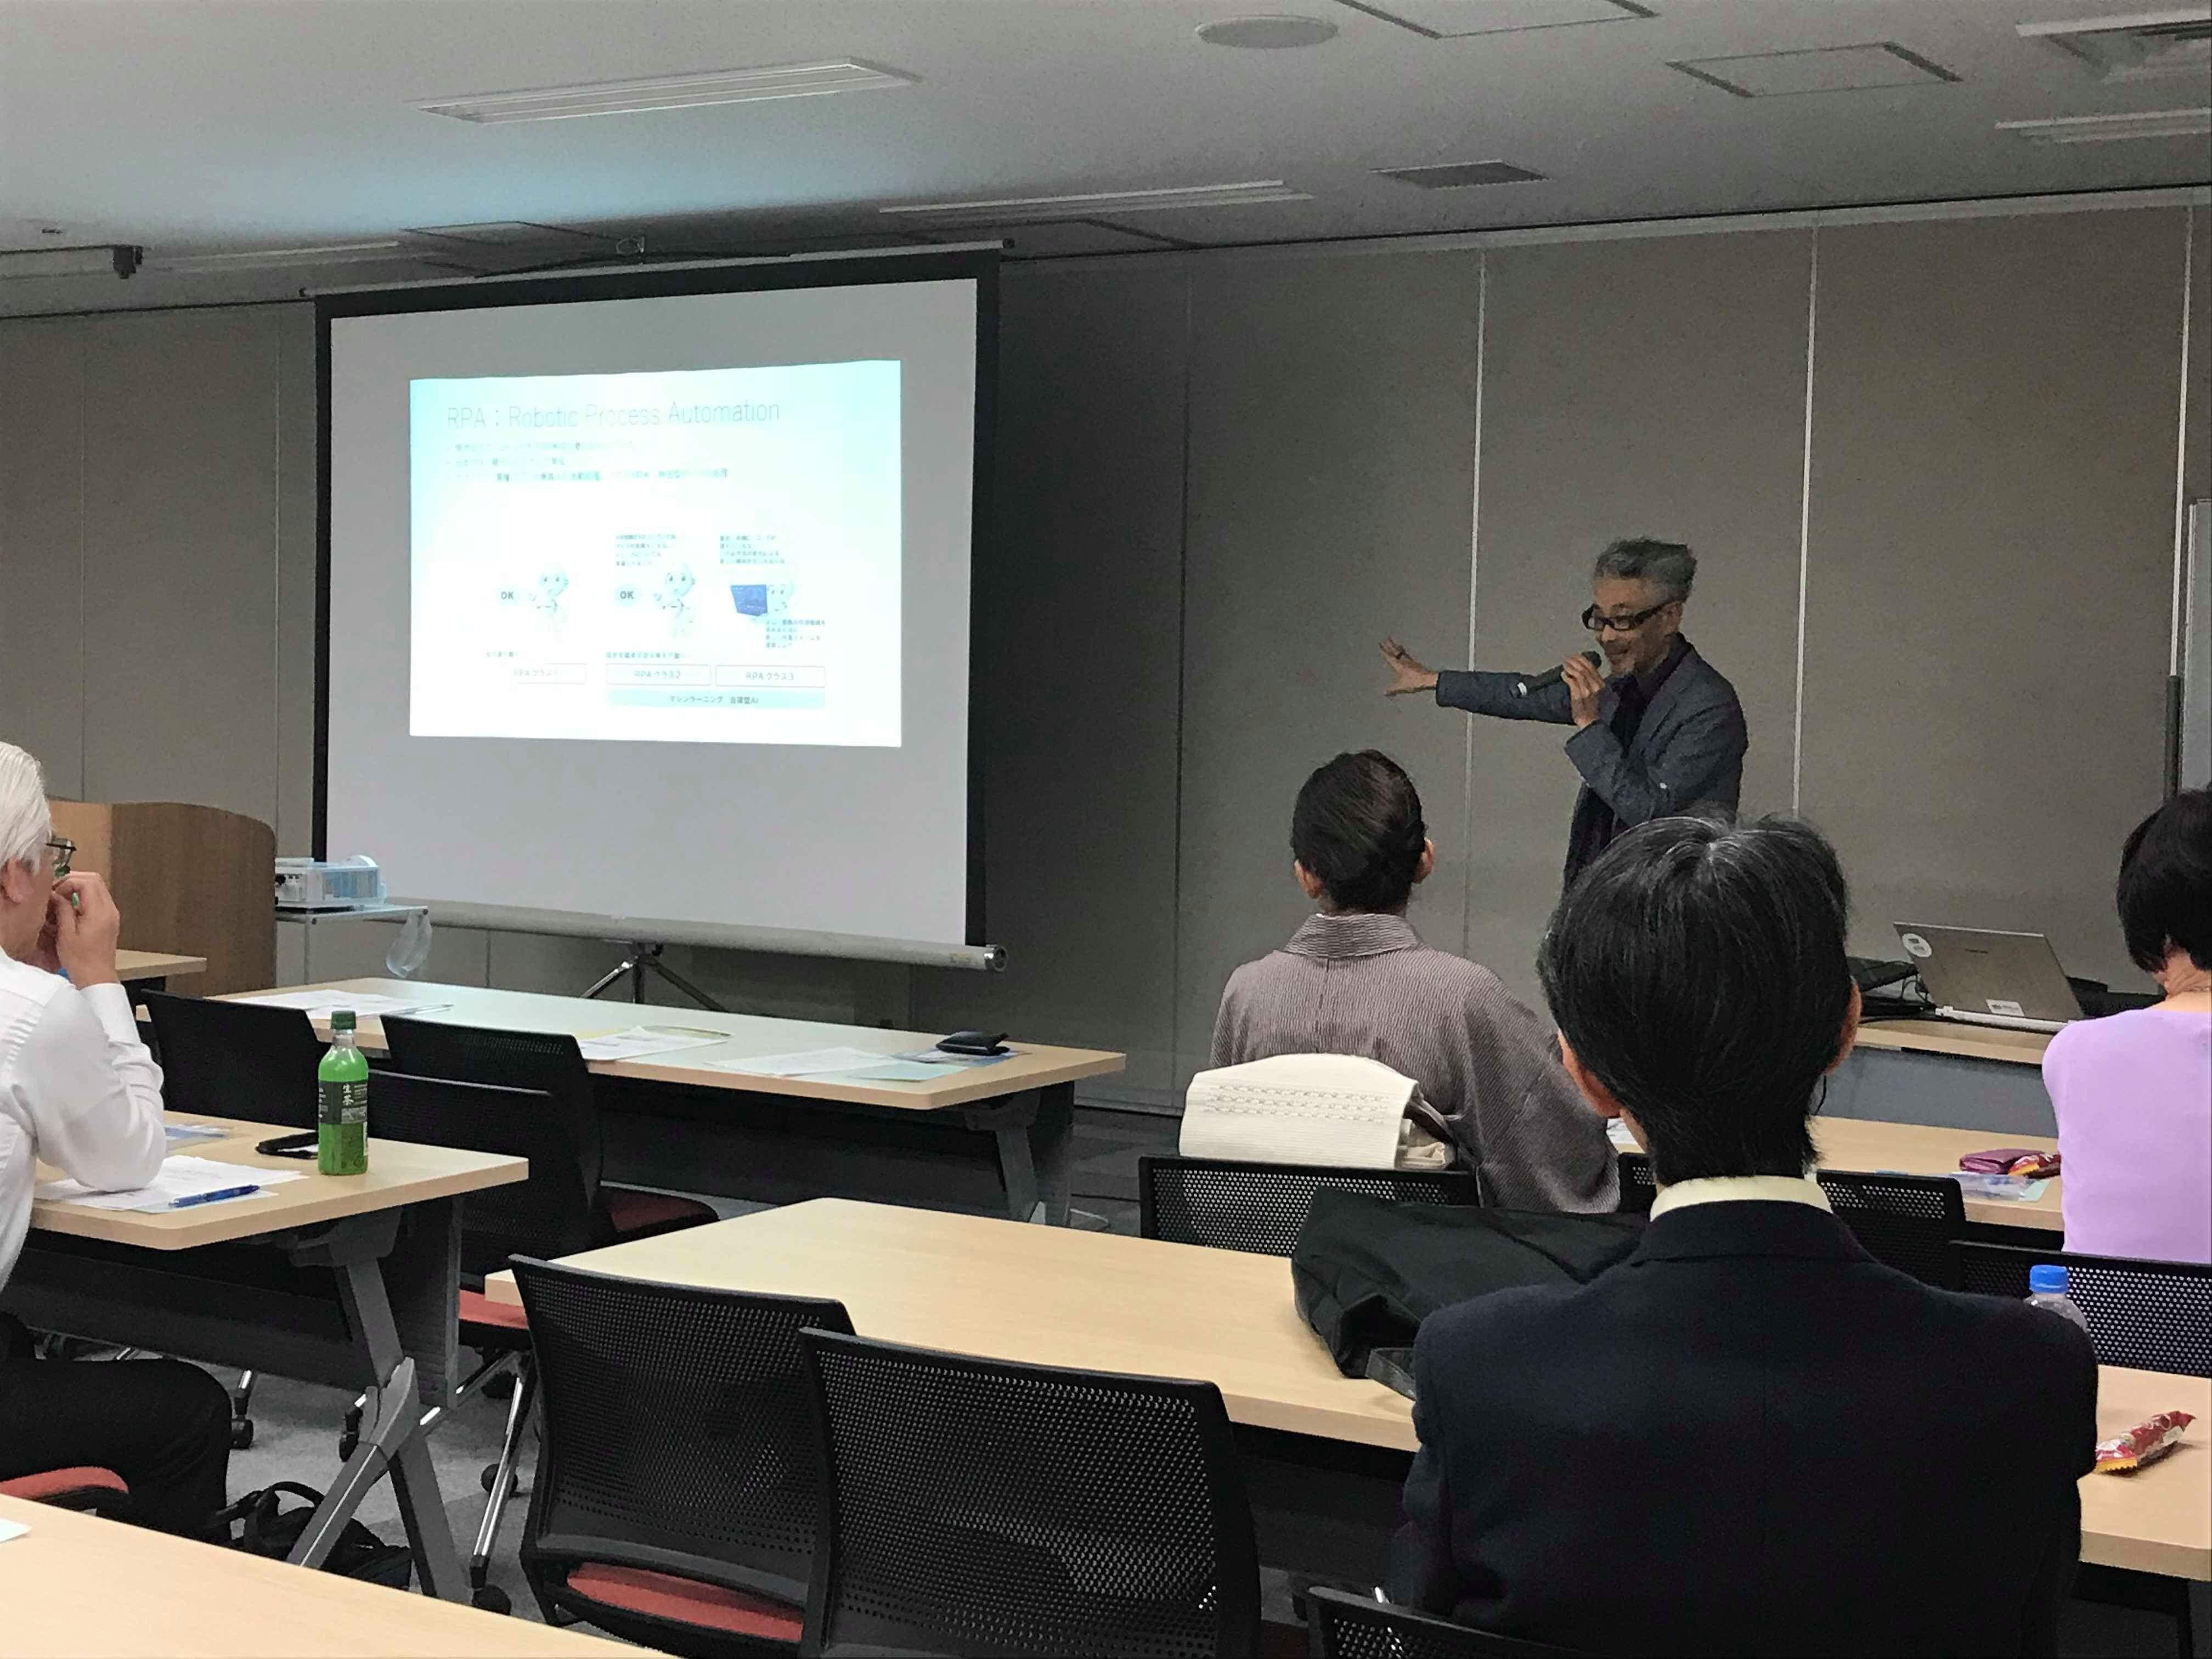 (一財)機械振興協会経済研究所首席研究員・井上弘基氏による講演